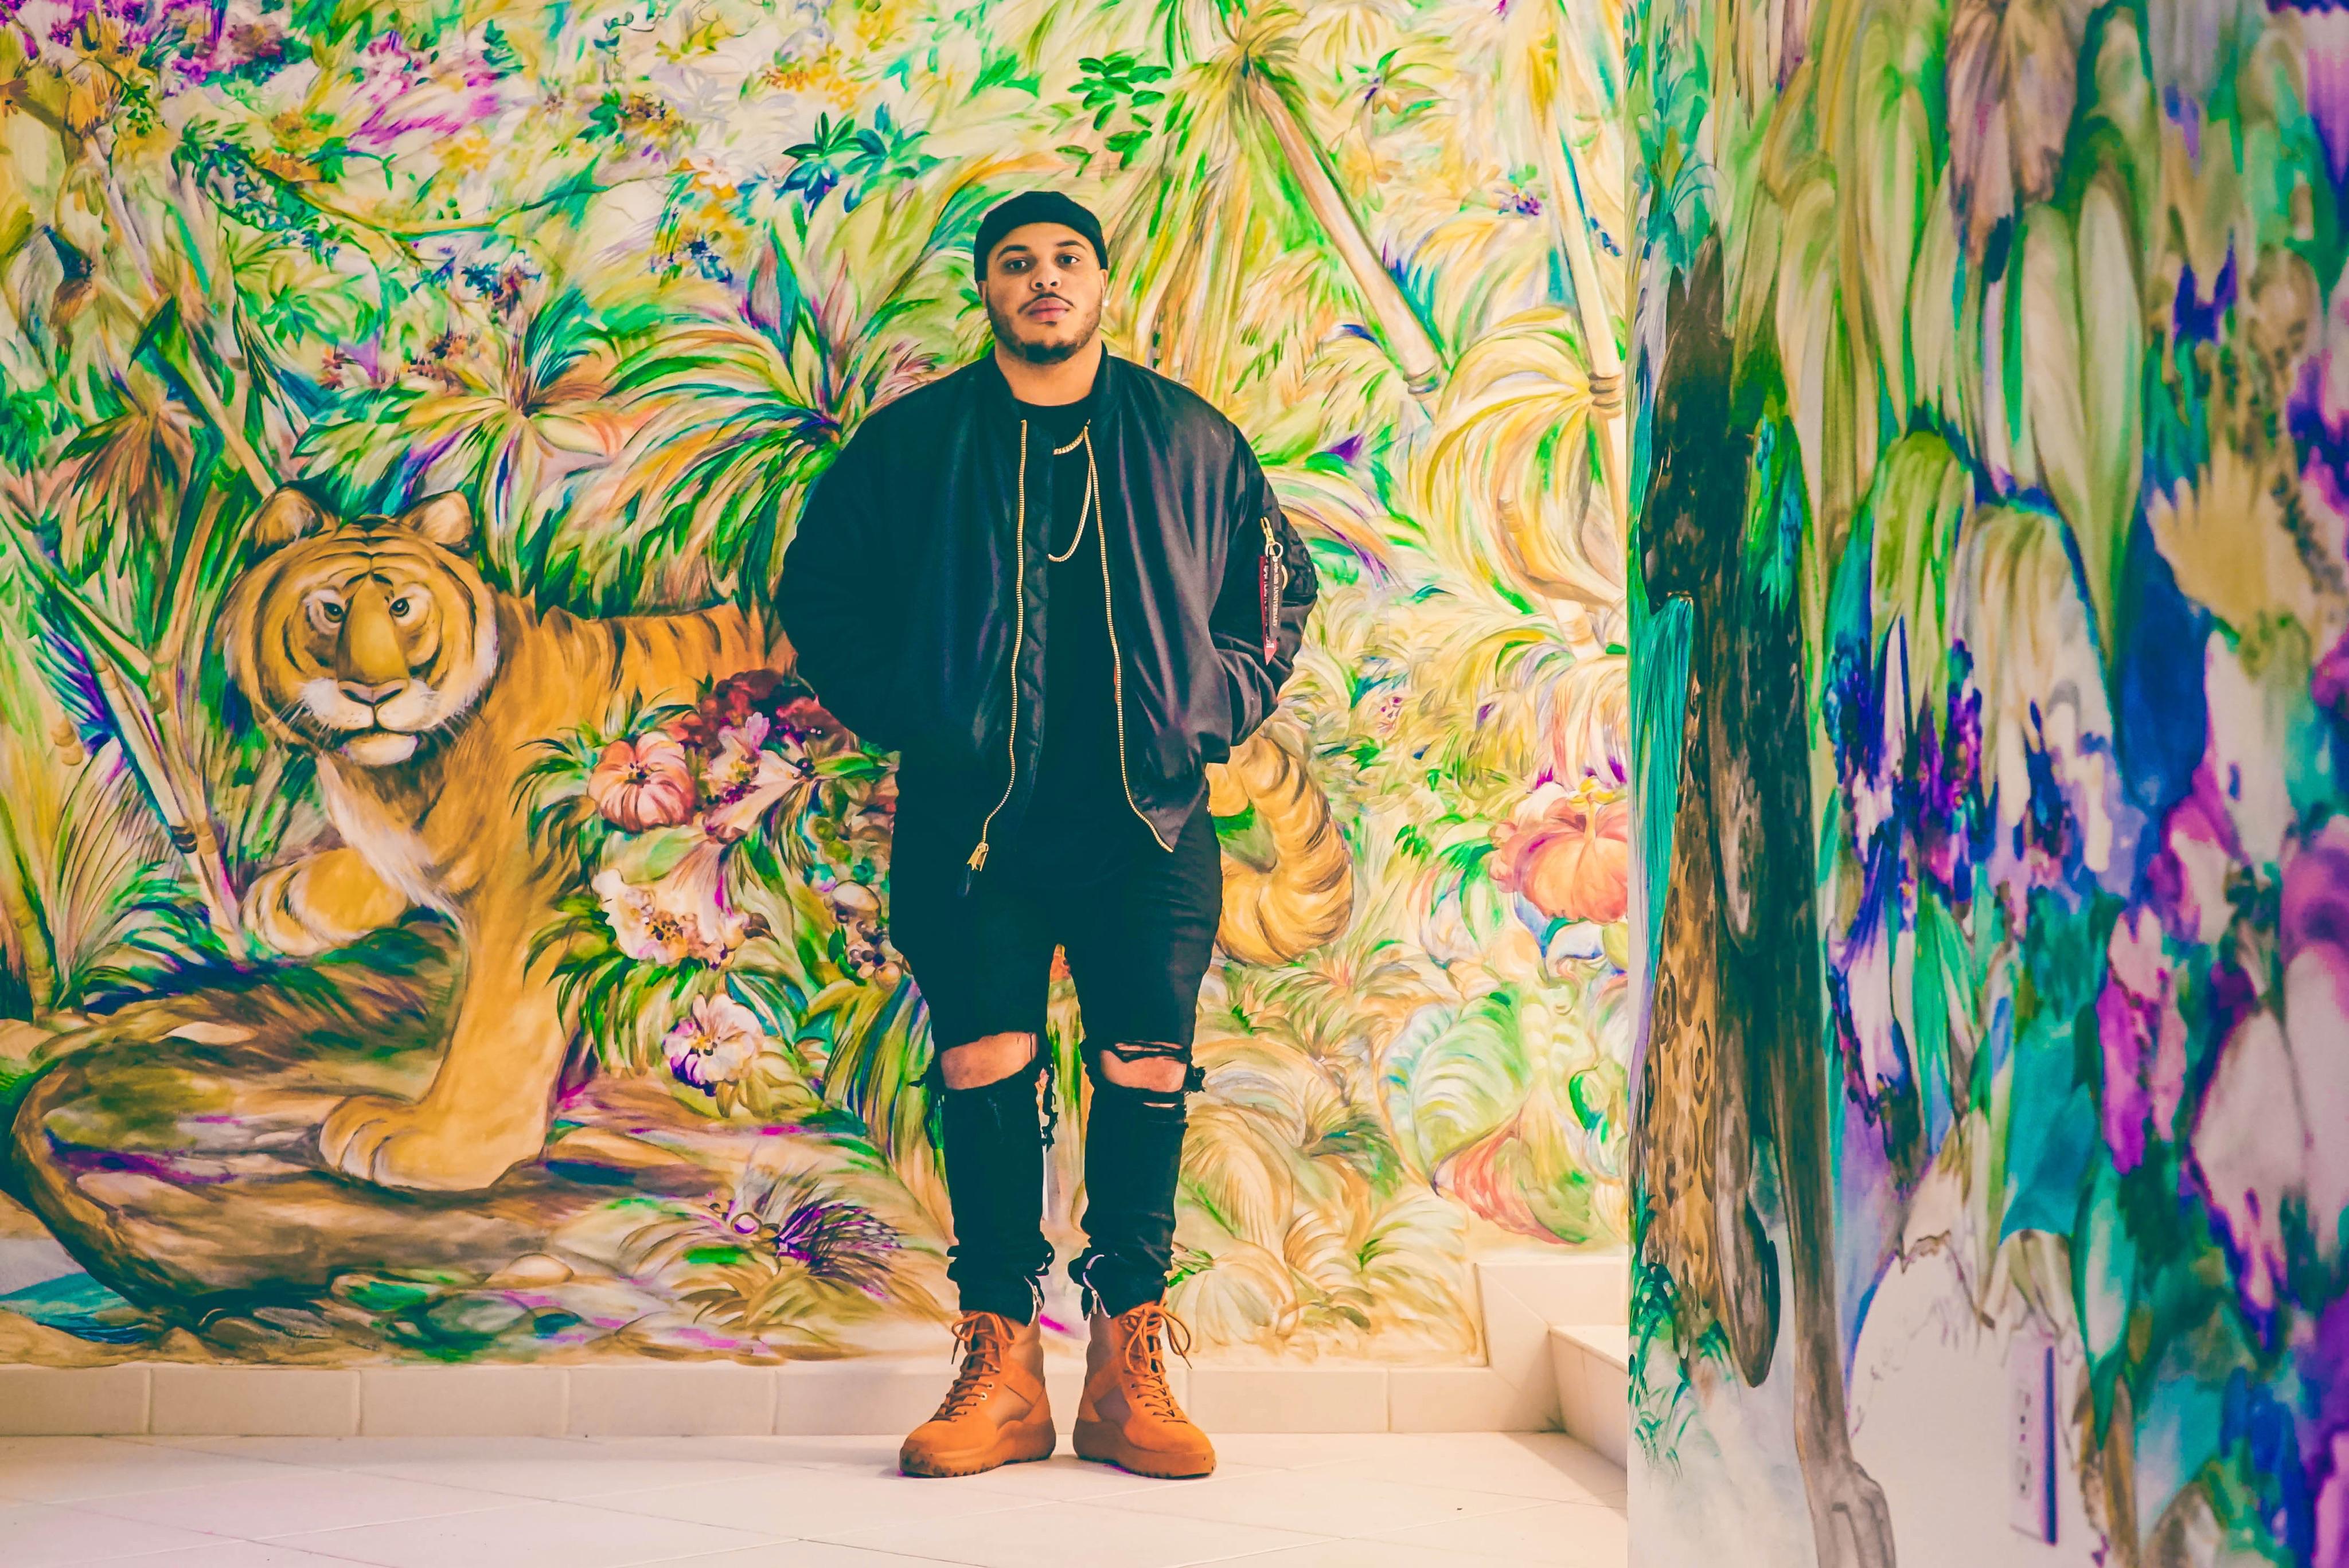 Fotoğraf Adam Erkek Ayakta Renk Resim Boyama çizim